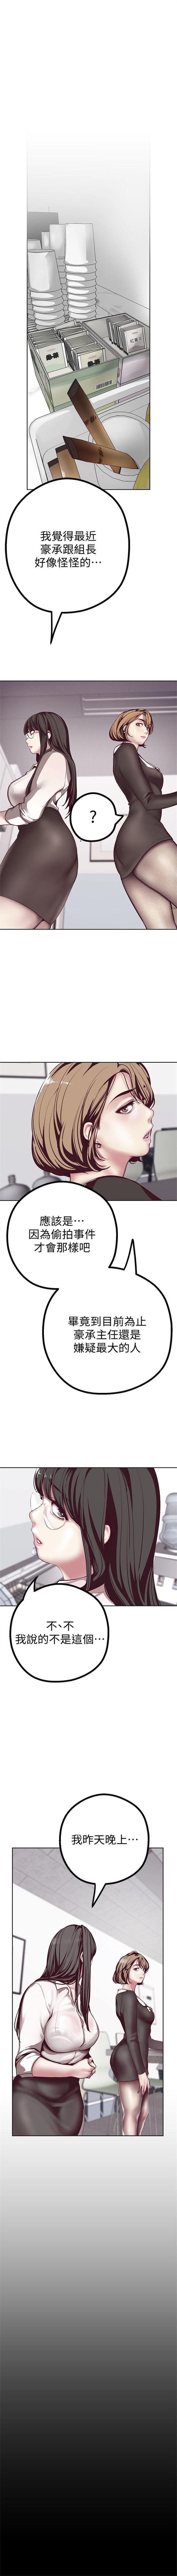 (週1)美麗新世界 1-76 中文翻譯 (更新中) 120